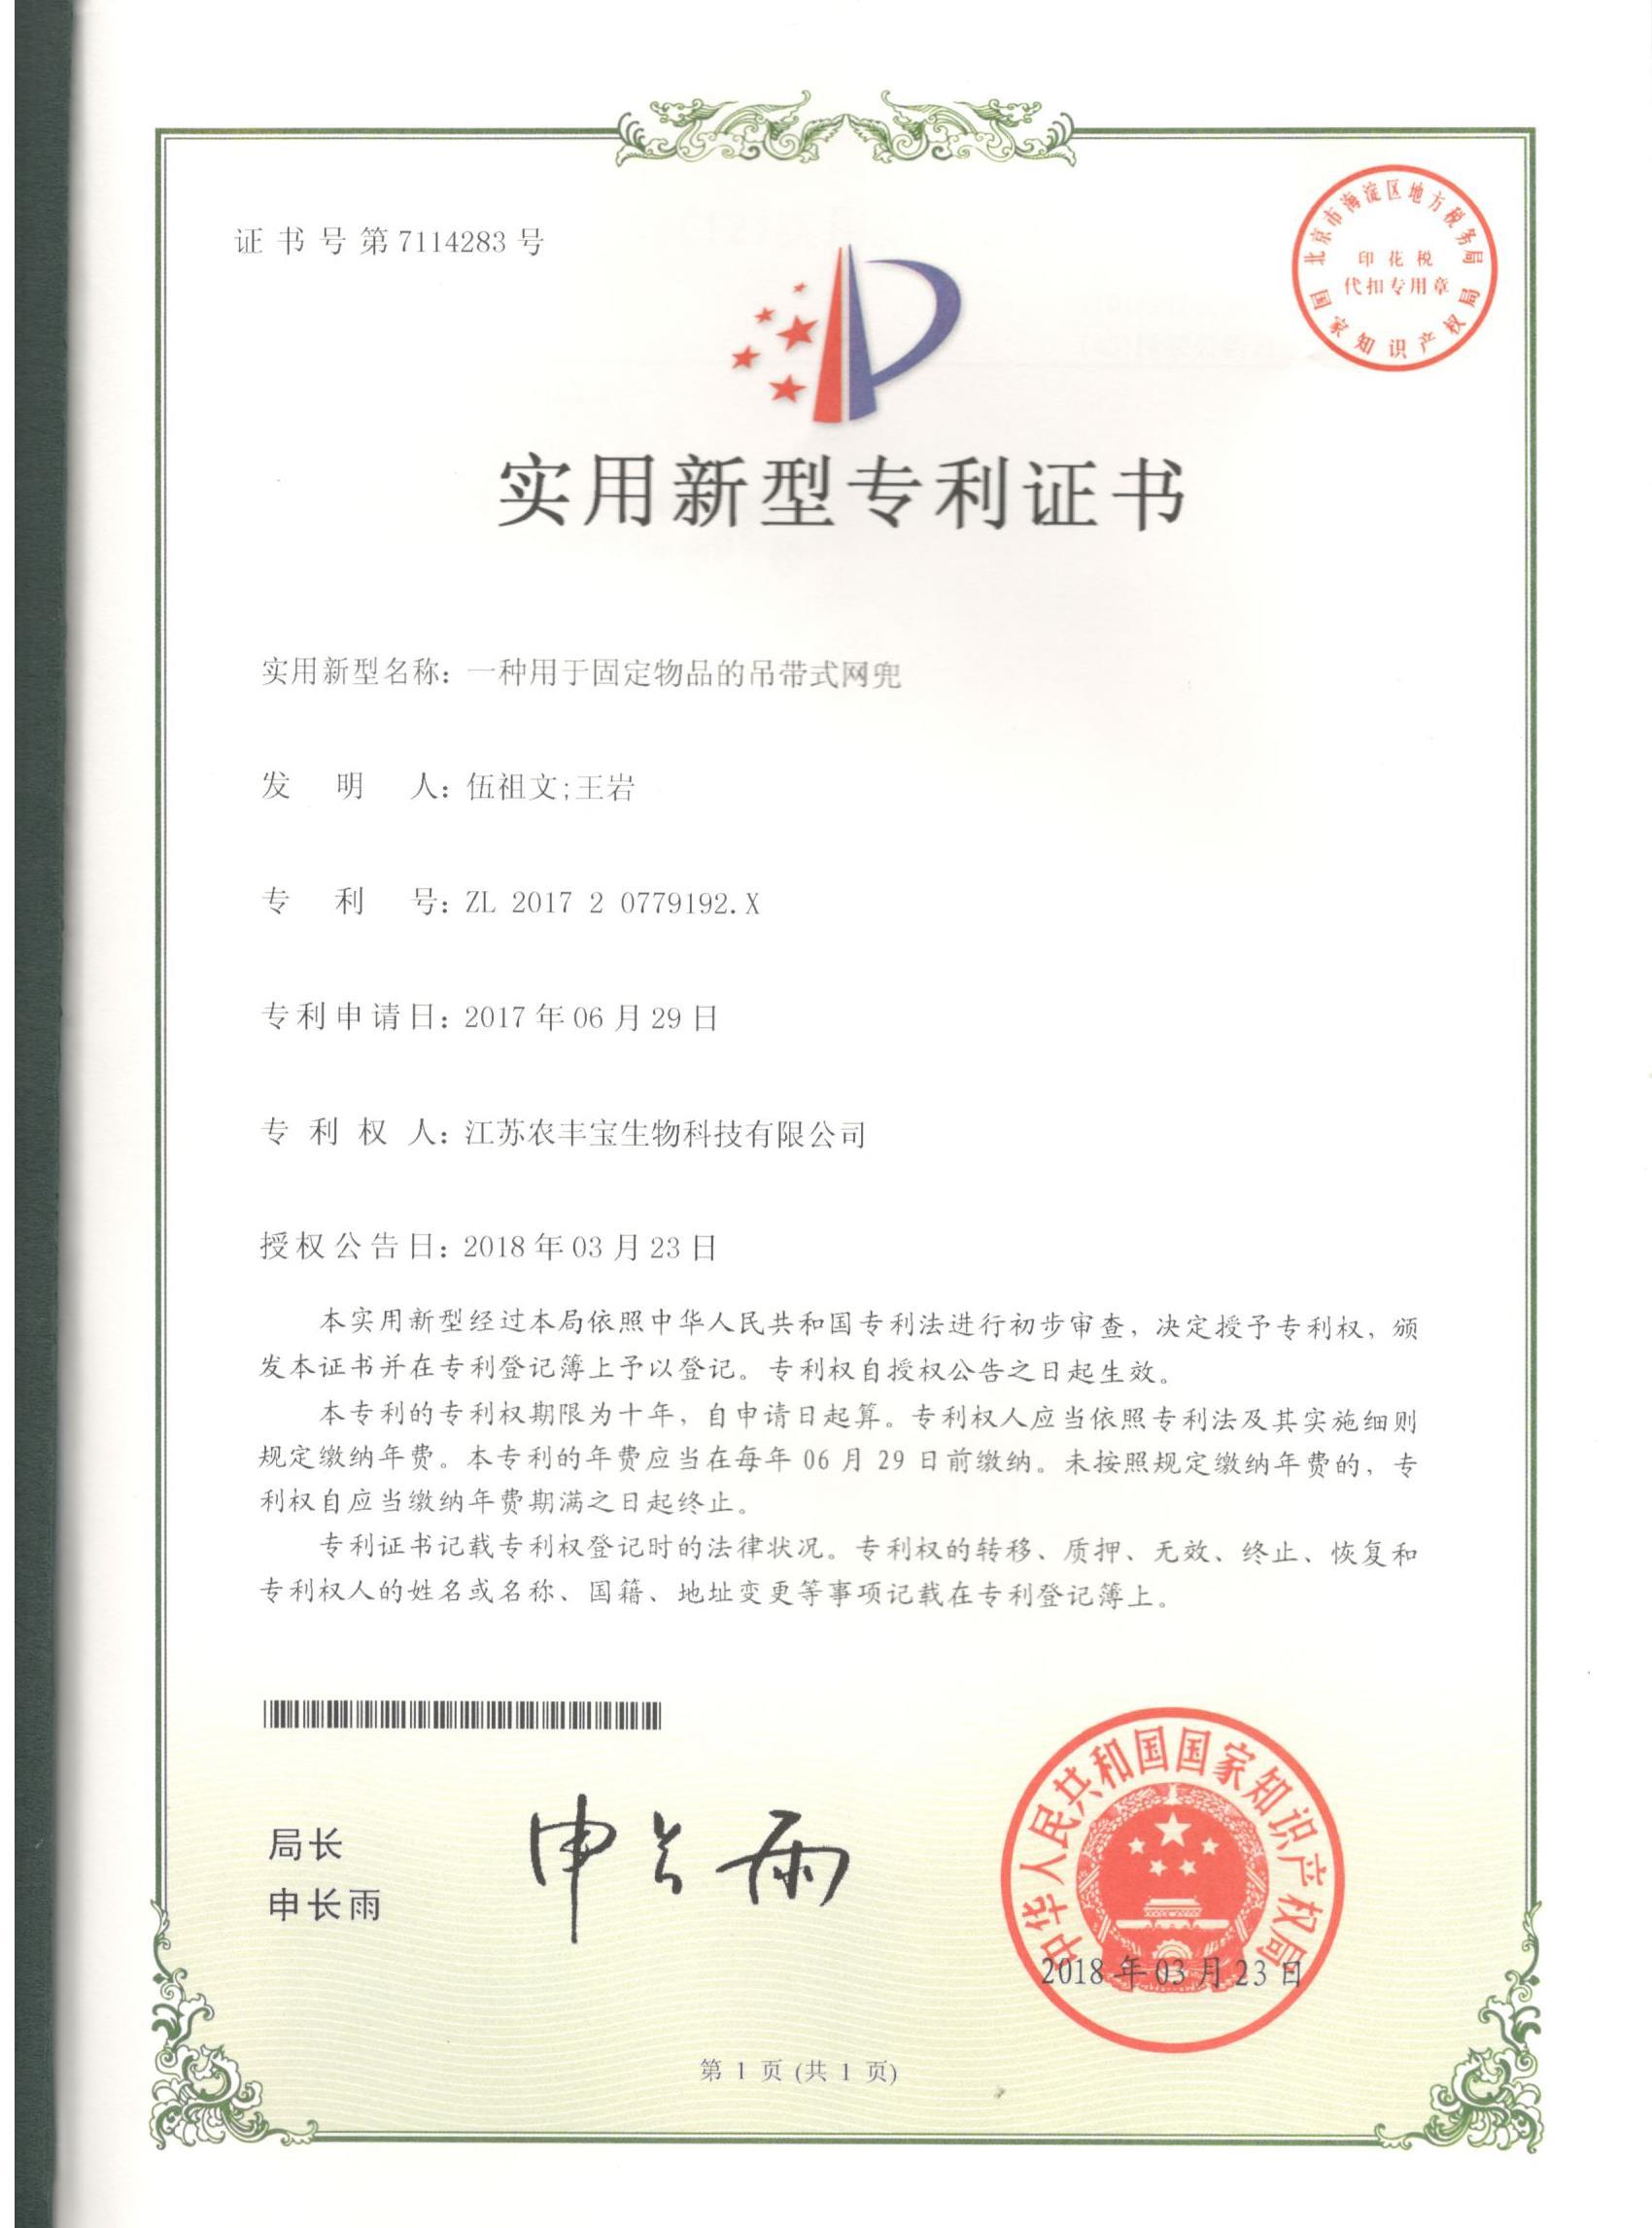 江苏产品发明专利3